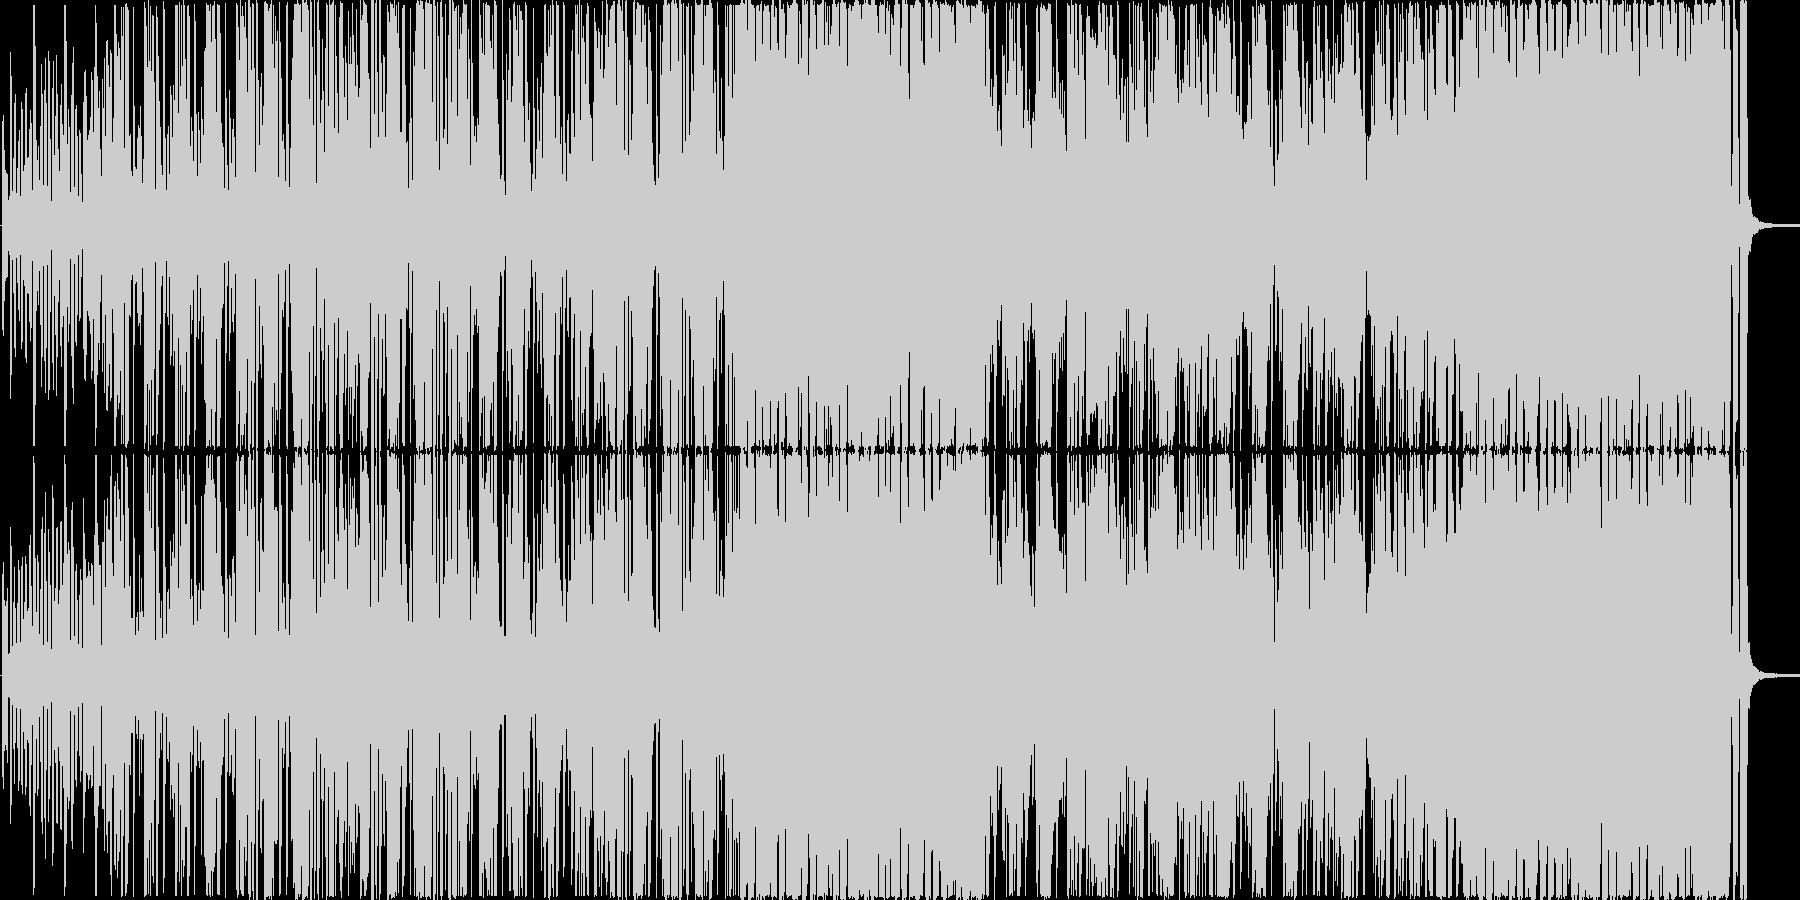 新鮮で幸福感あるジャズファンクの未再生の波形